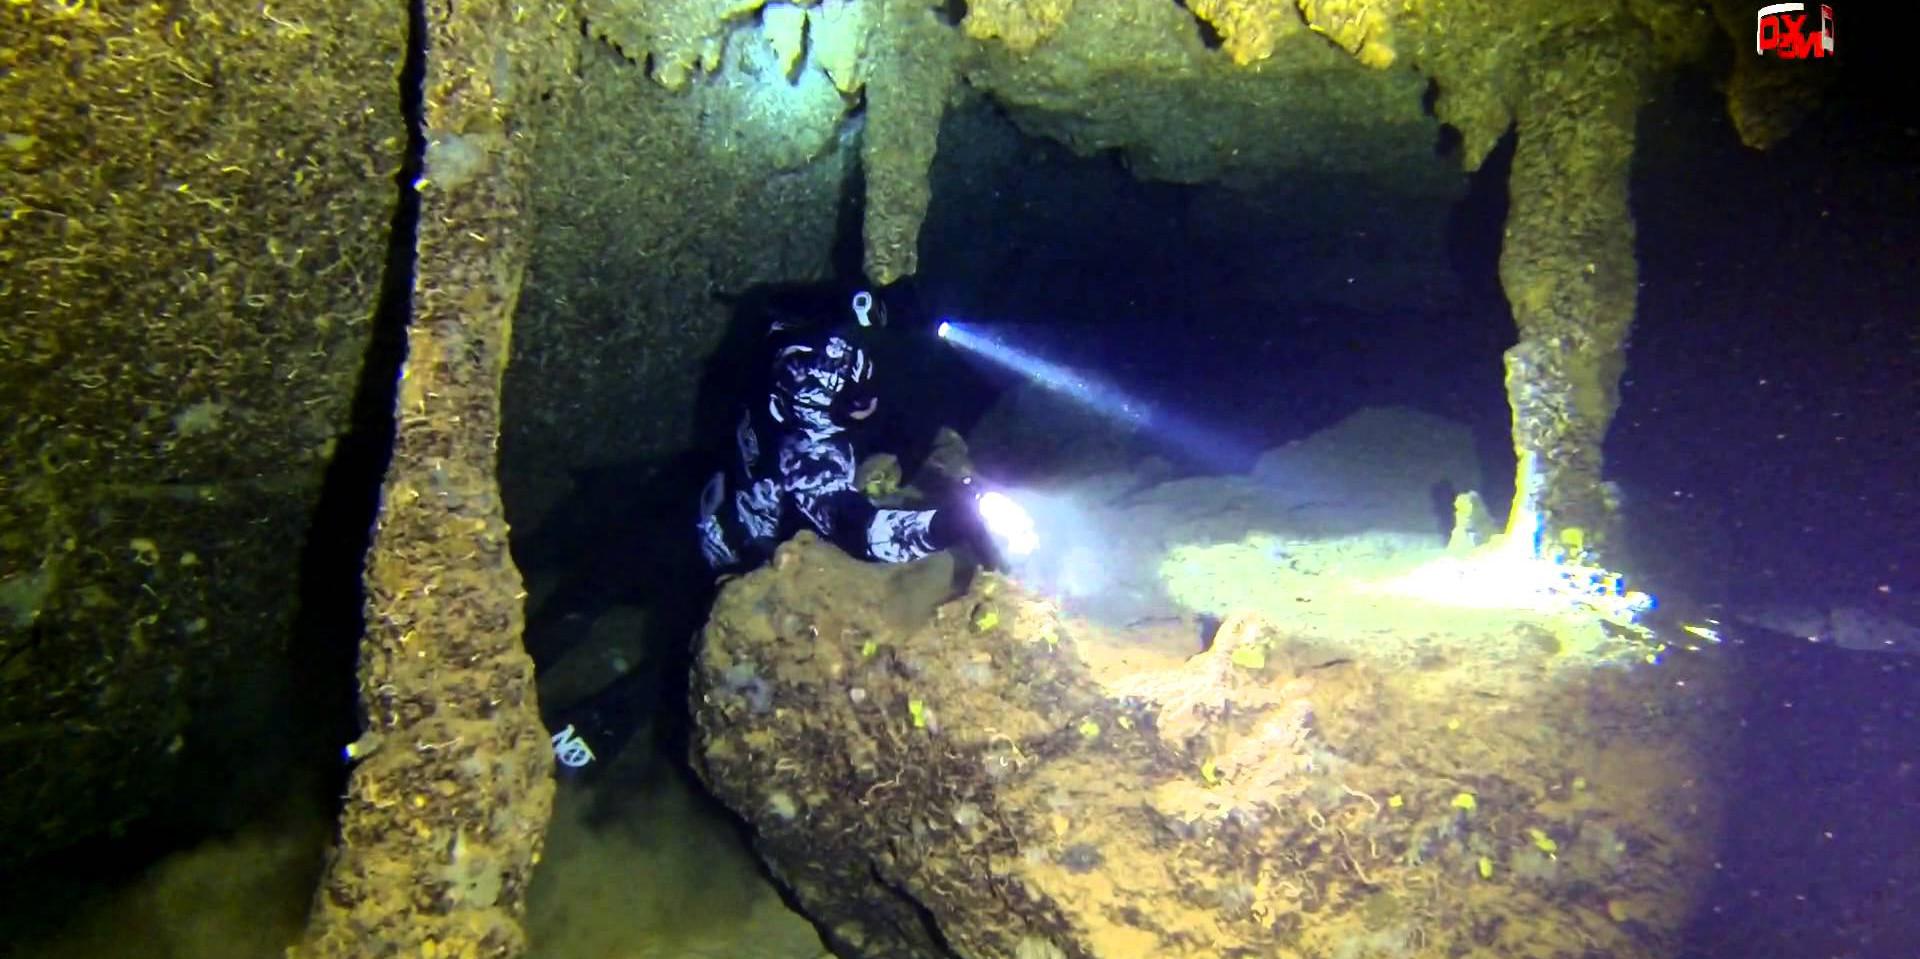 Plongée grotte de la tremie (calanques de marseille, Exploration souterraine Nox diving)